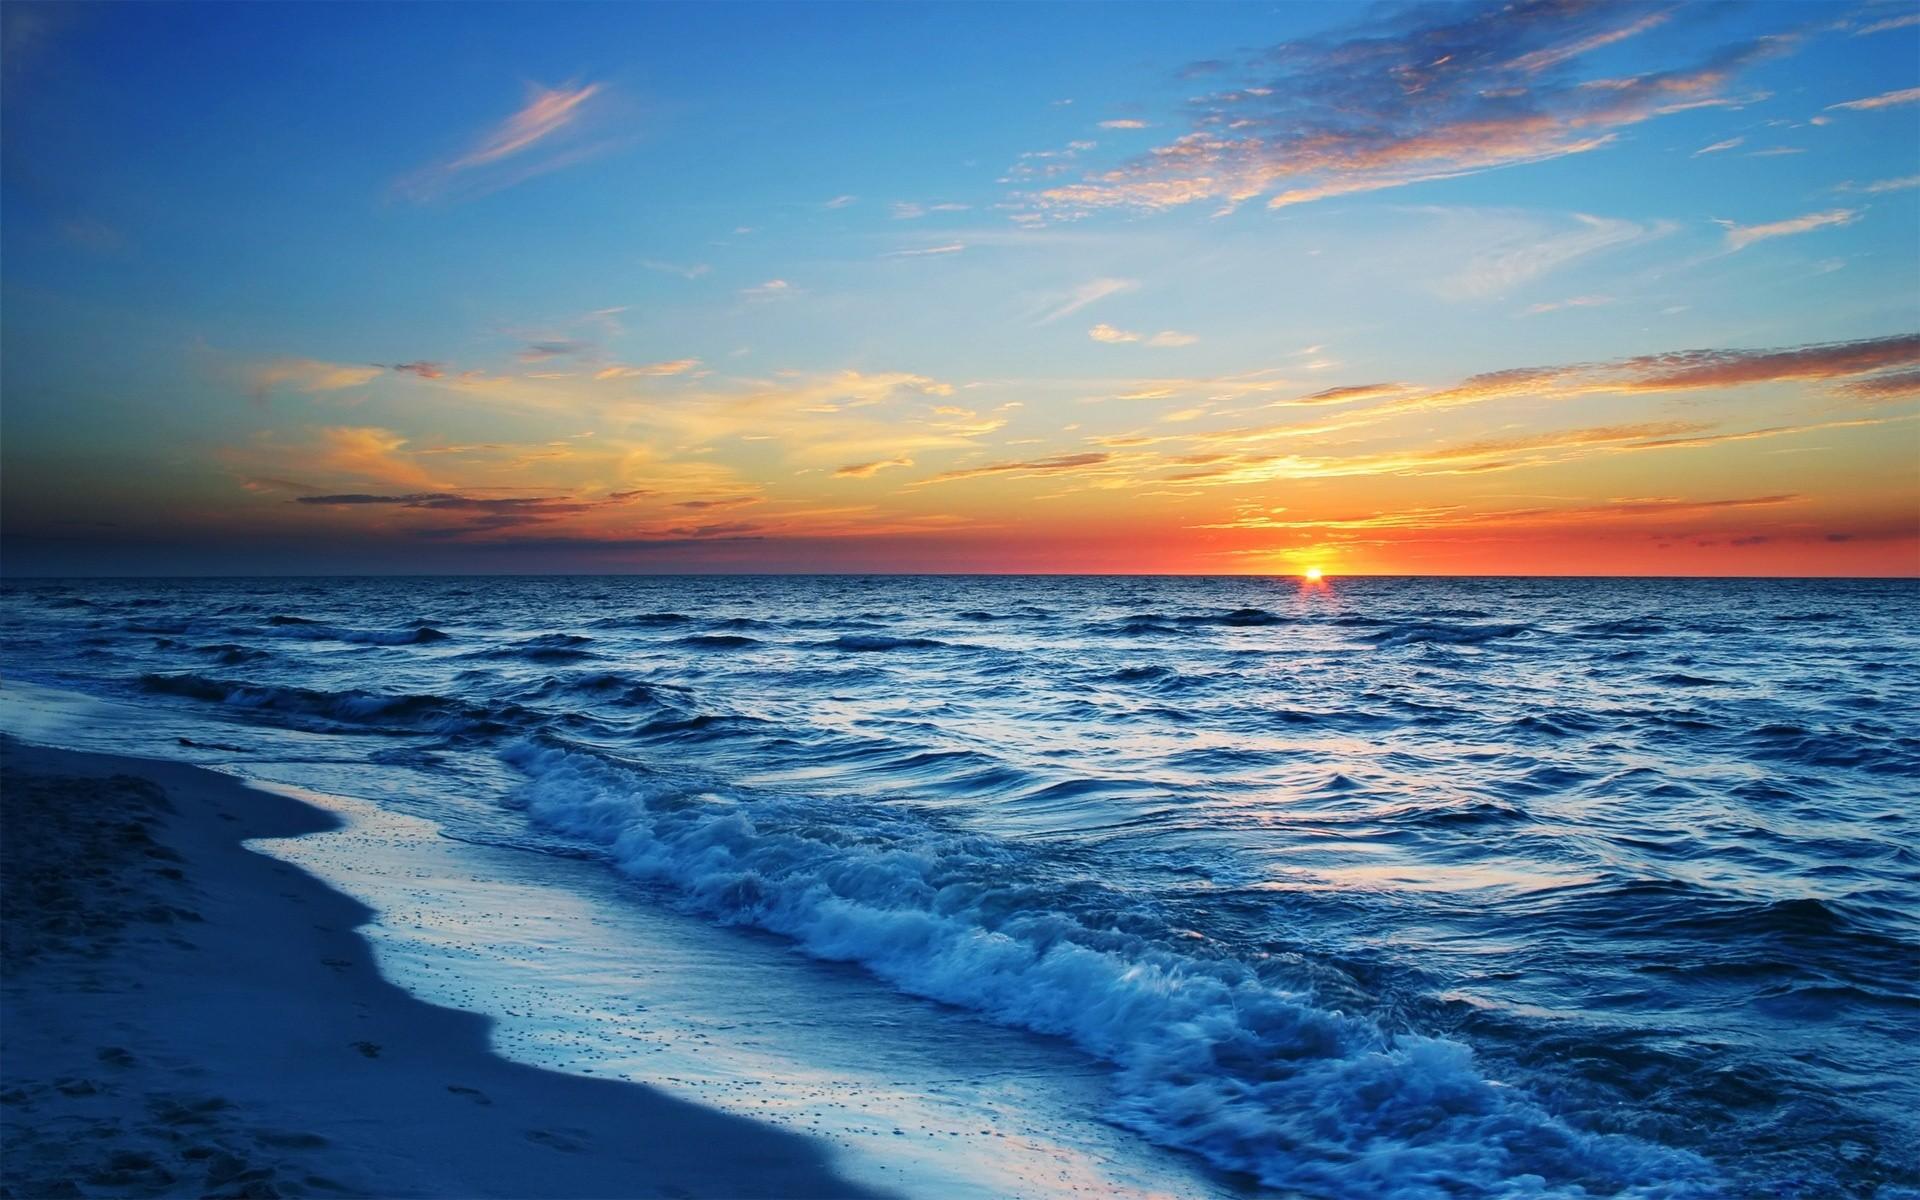 Sunset ocean beach sea waves wallpaper | 1920x1200 | 11944 ...